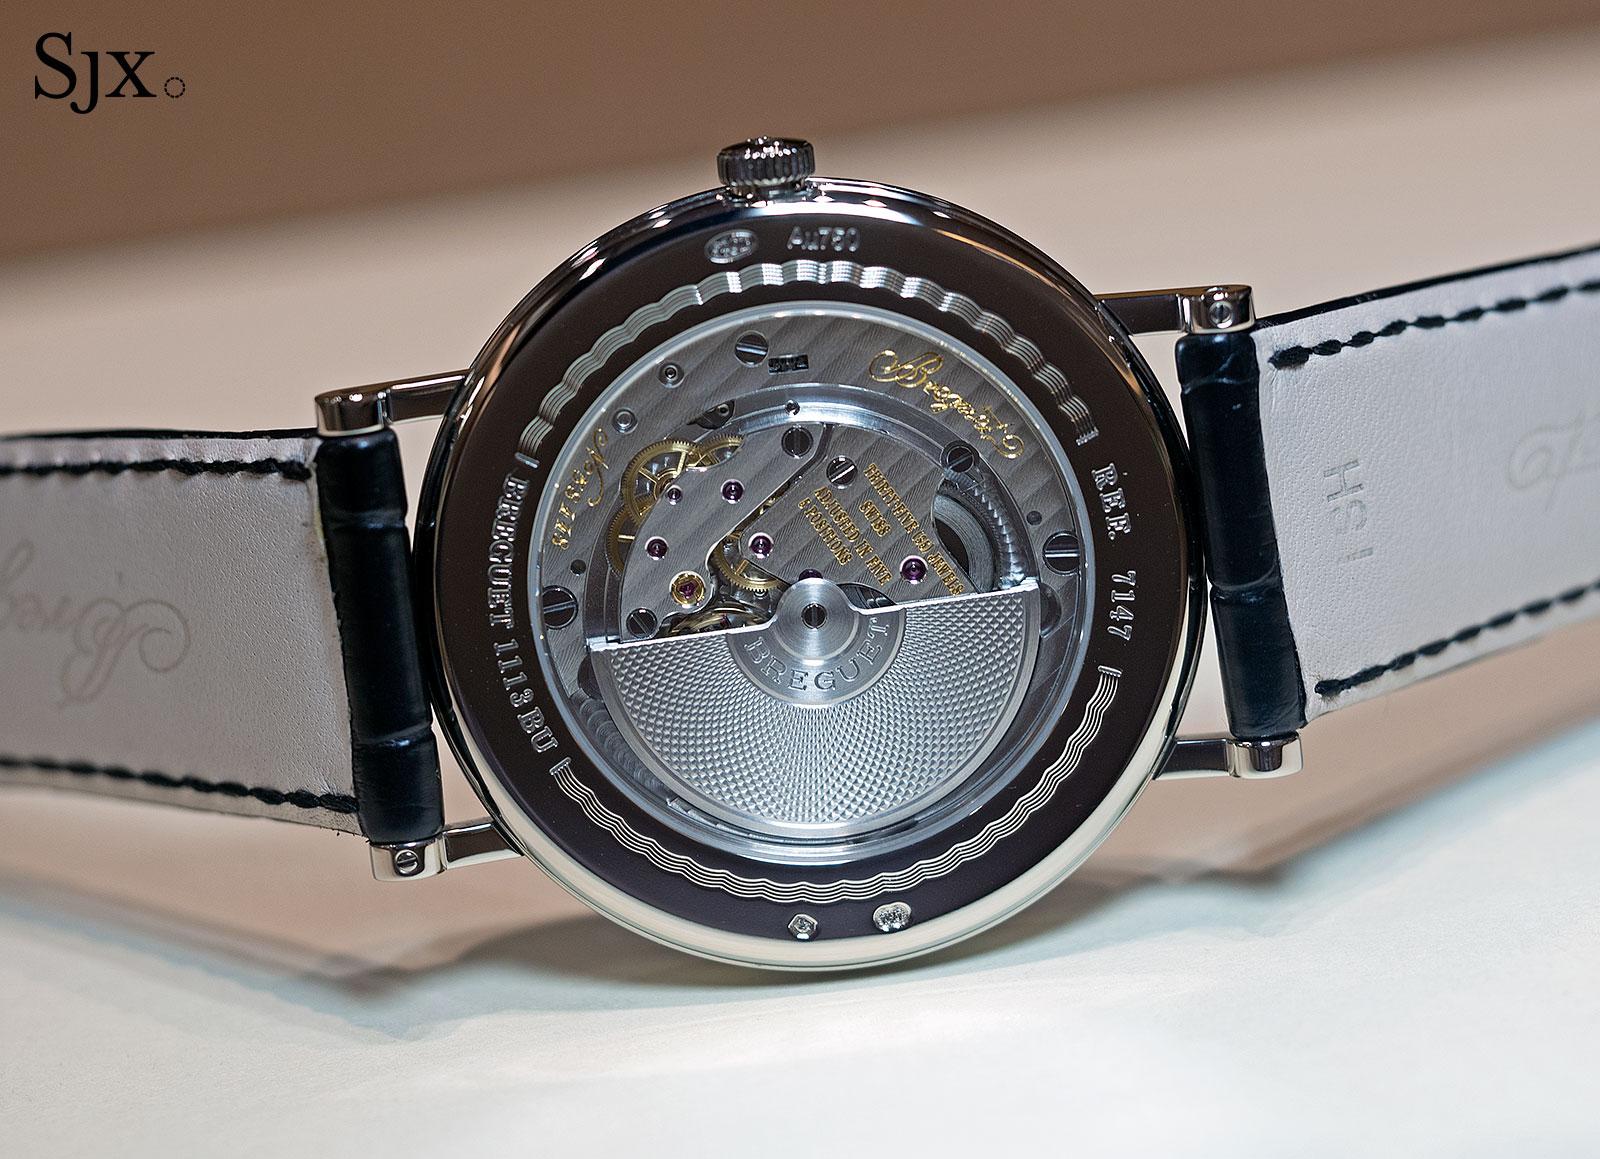 Breguet Classique 7147 enamel dial 13